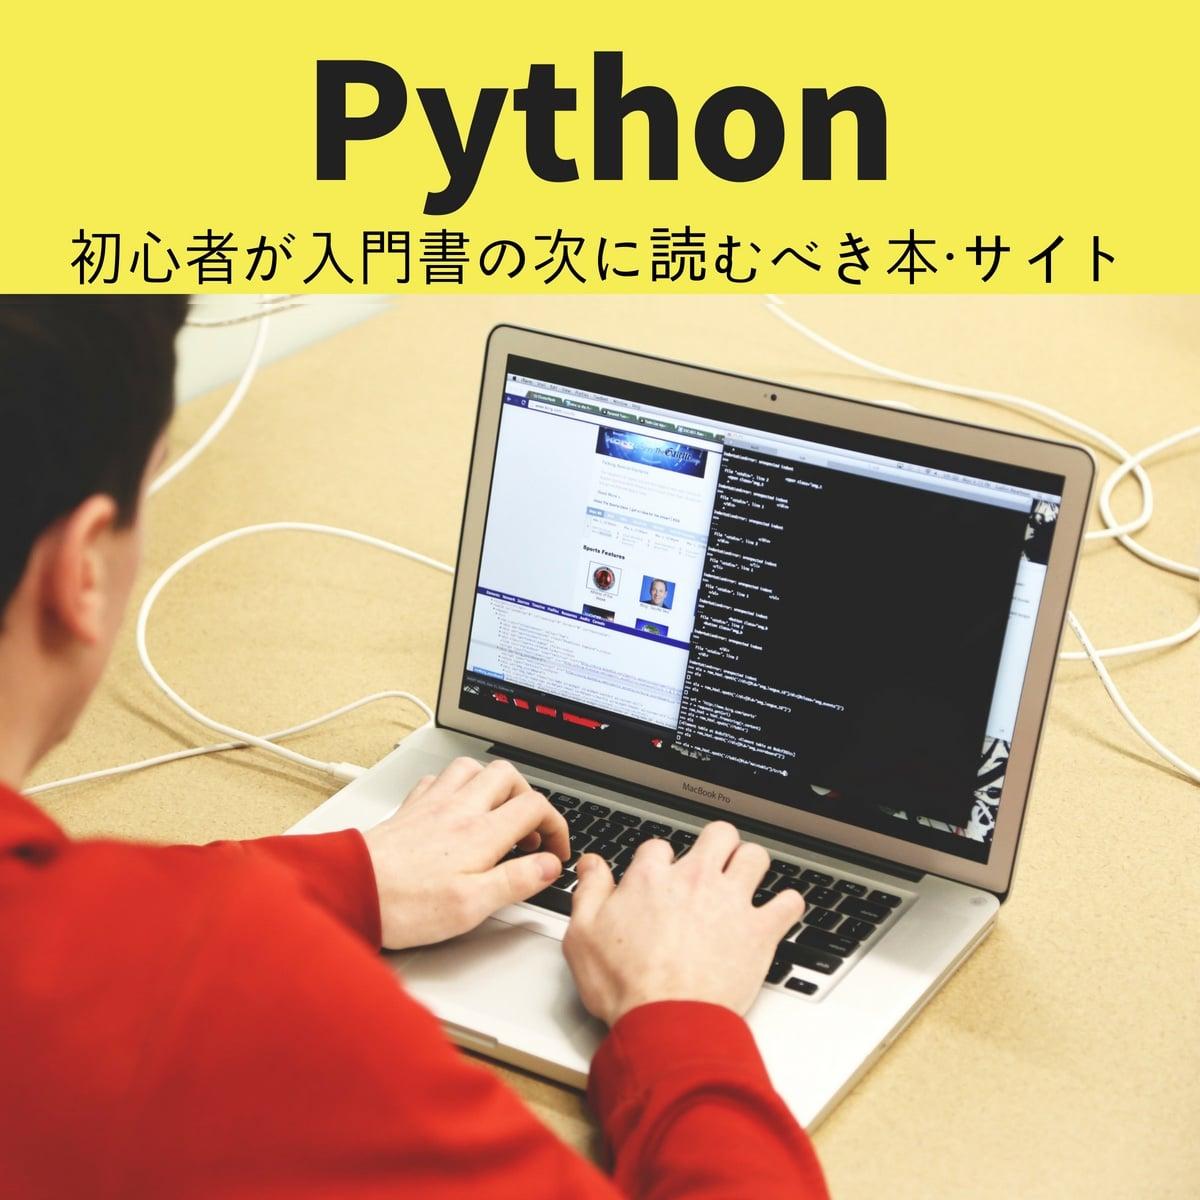 アイキャッチ:Python初心者が入門書の次に読むべき本・サイトのまとめ